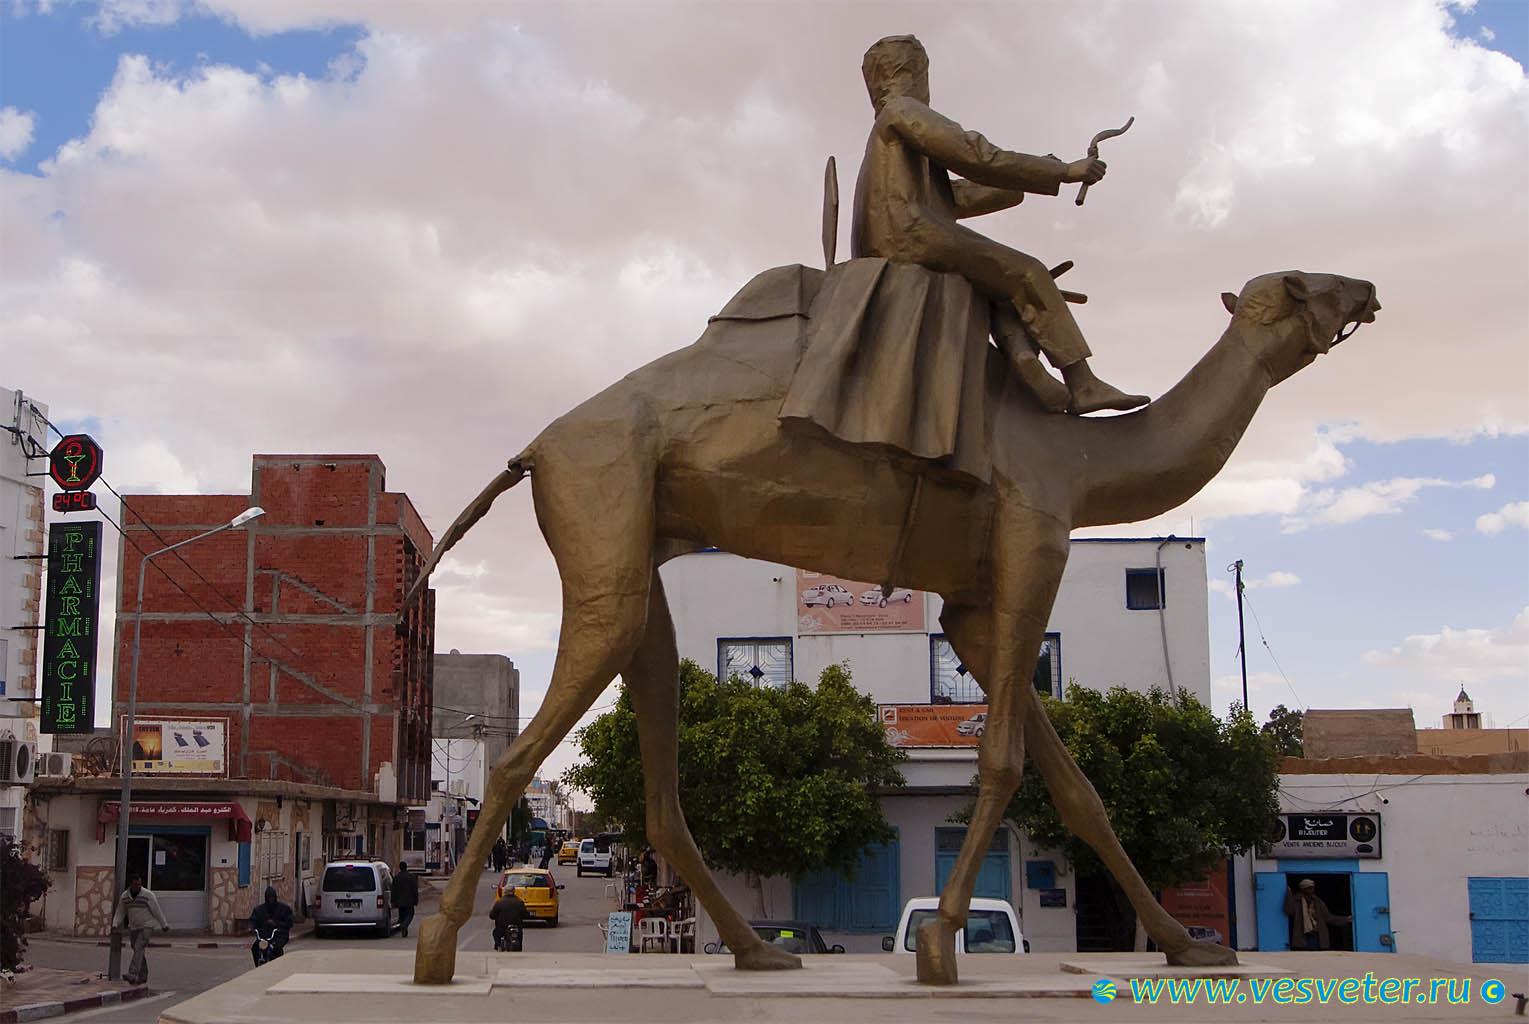 Tunis_Sahara_17.jpg